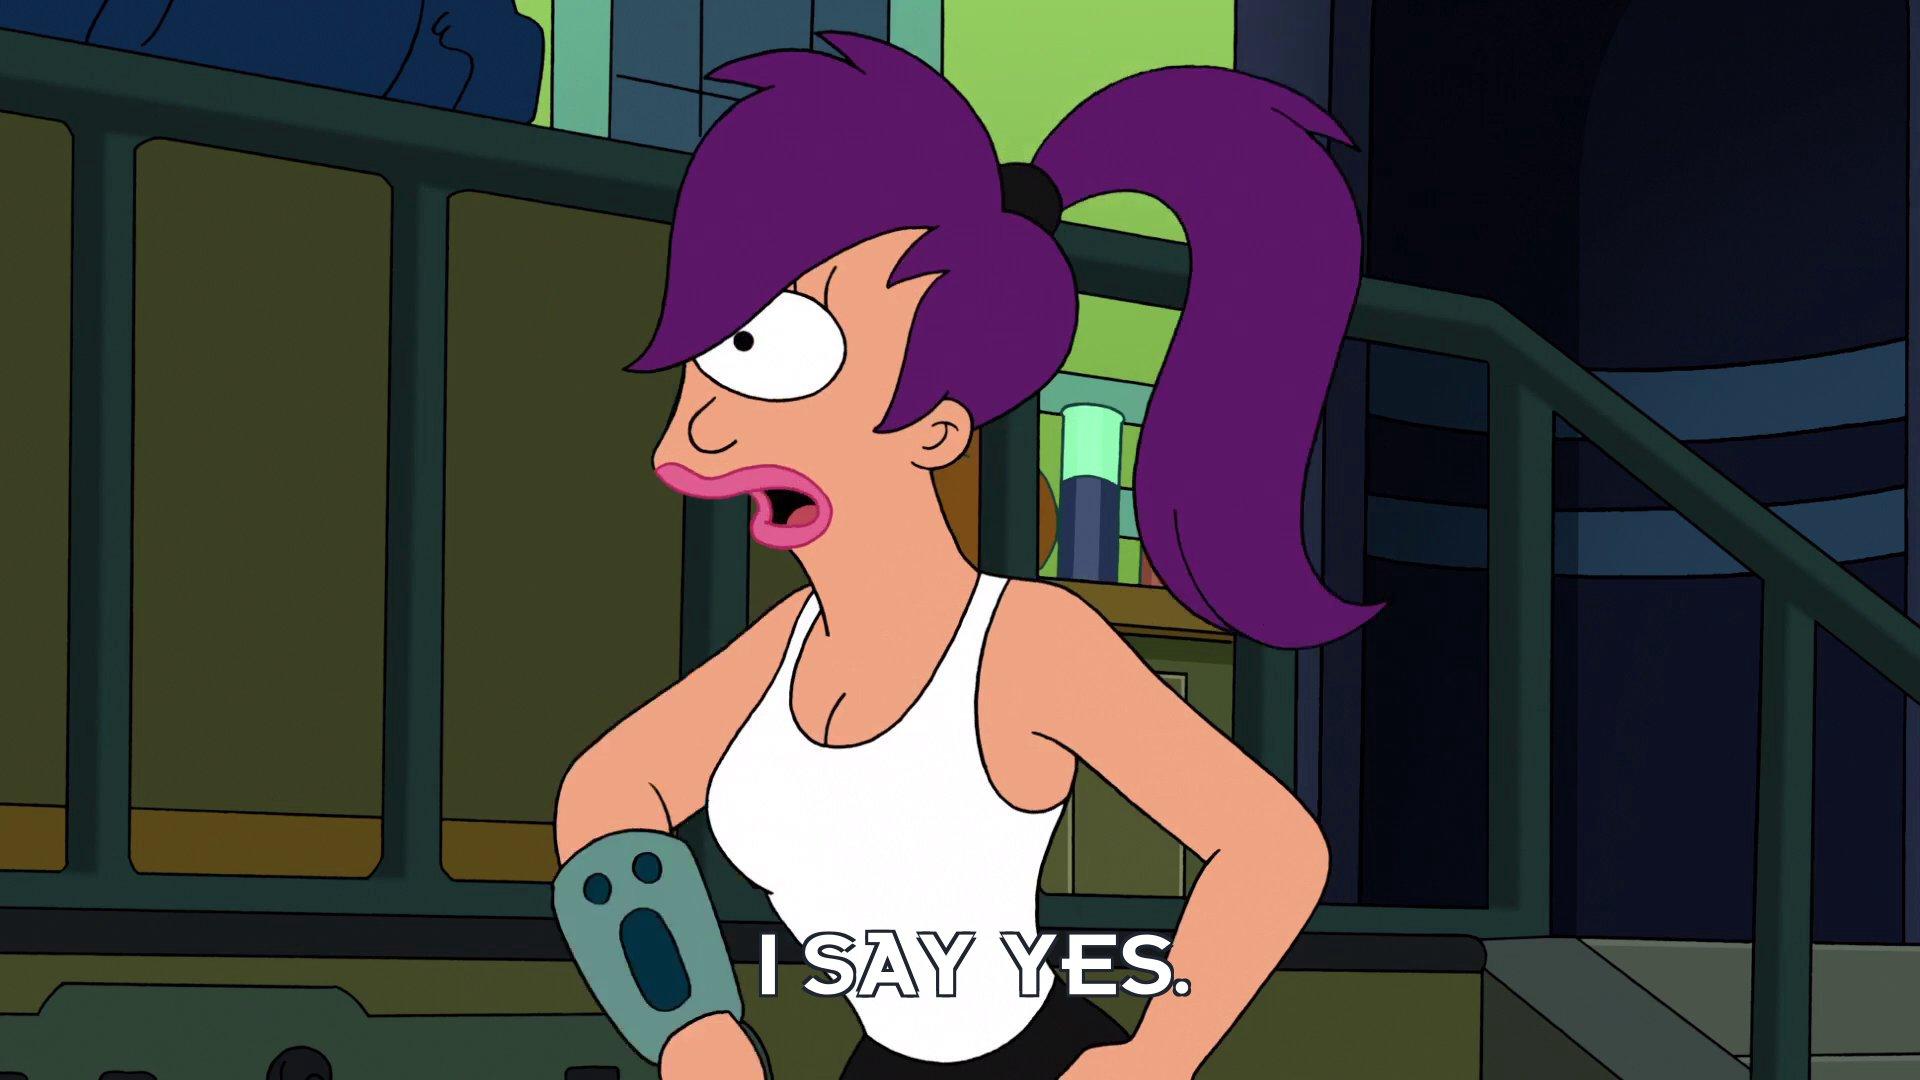 Turanga Leela: I say yes.